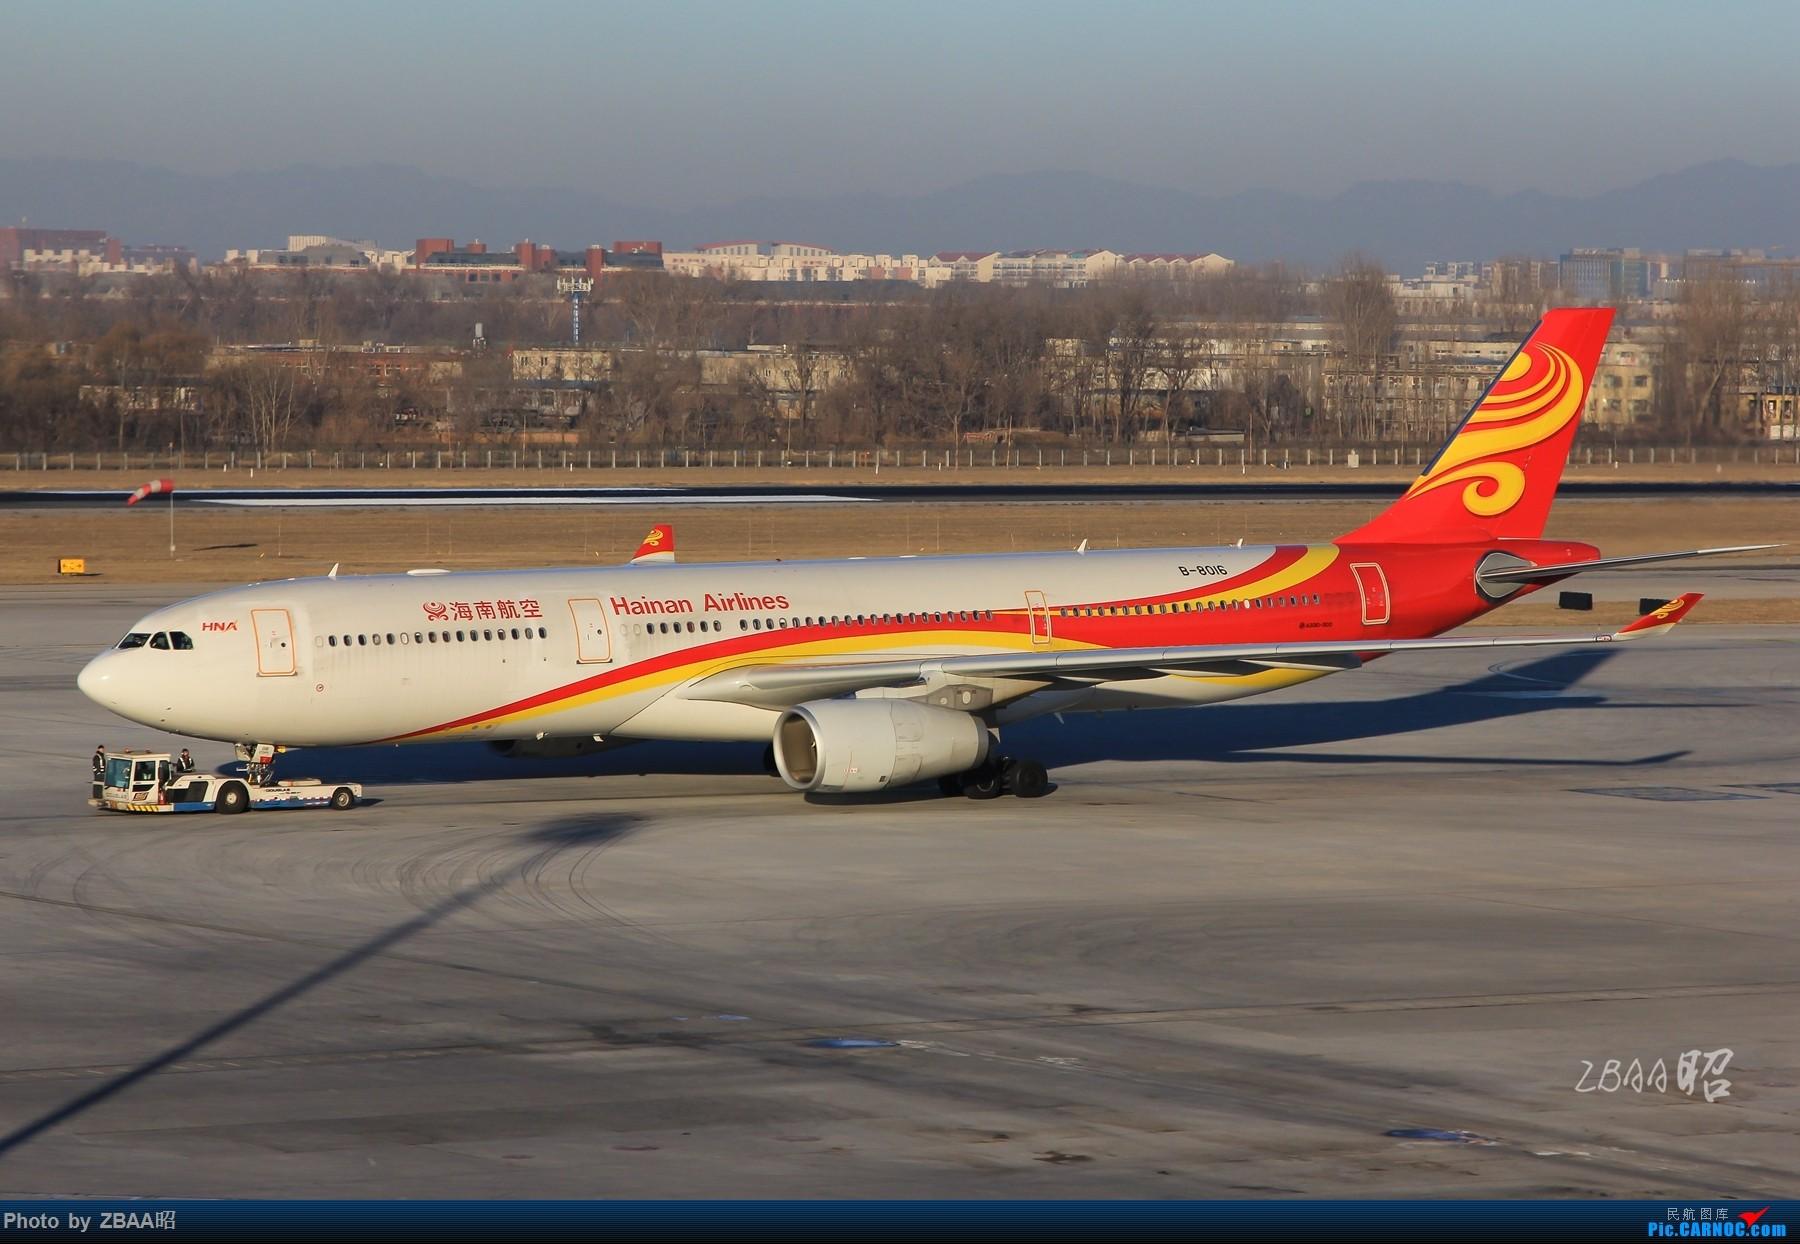 Re:[原创]飞友聚会后的独自疯狂,格林豪泰隔天怒打ZBAA 36L跑道,夜拍海航宽体机,寒风中坚守楼顶阵地 AIRBUS A330-300 B-8016 中国北京首都国际机场